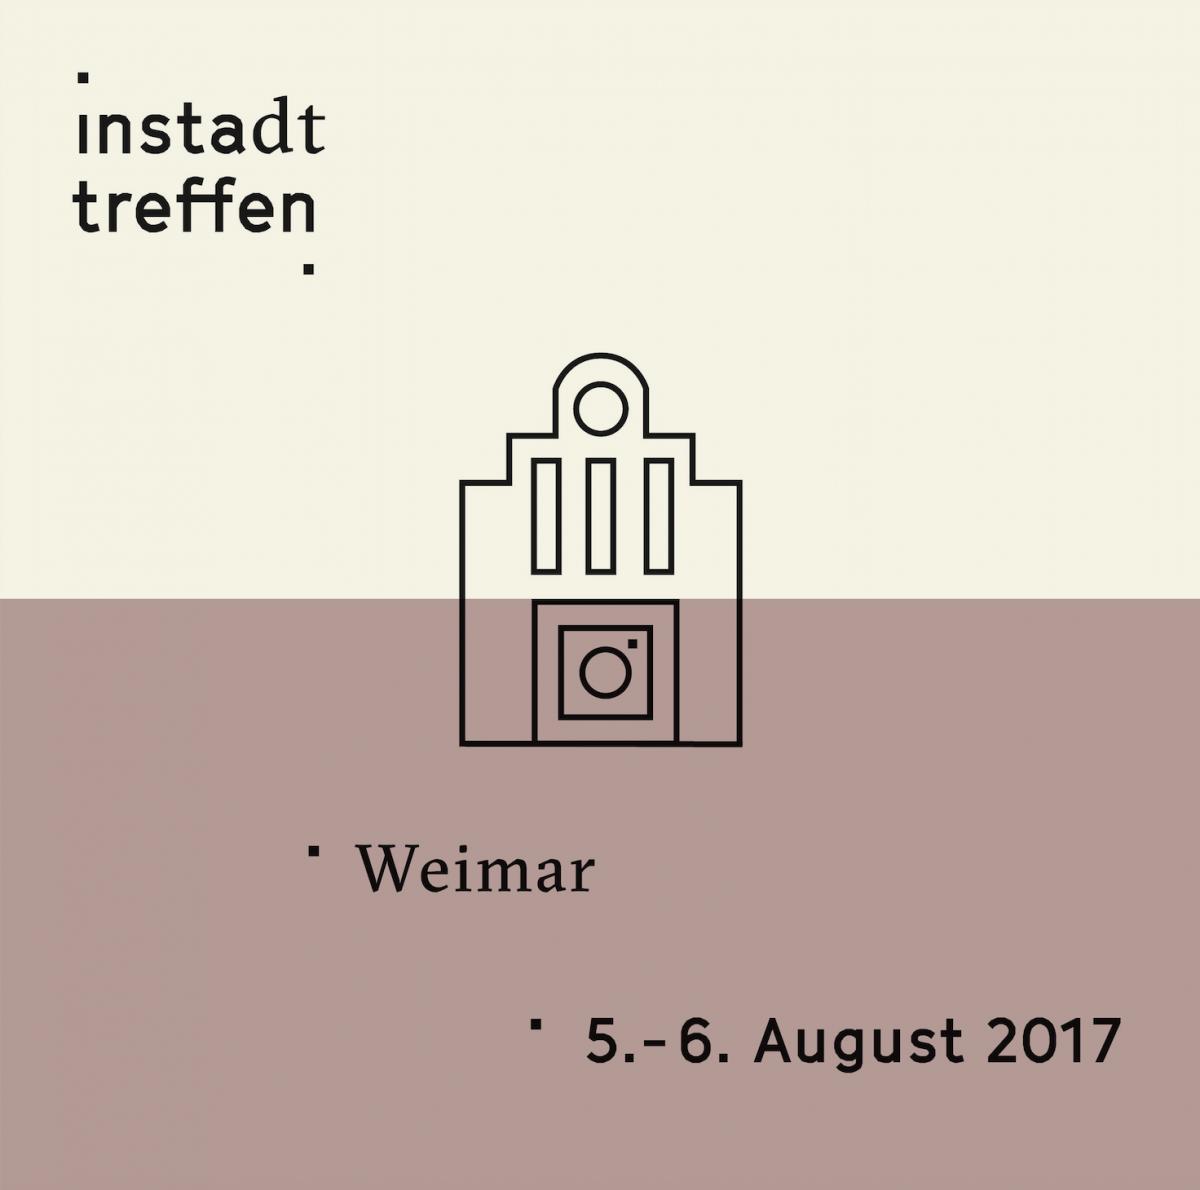 Insta_dt_treffen_Bildmarke